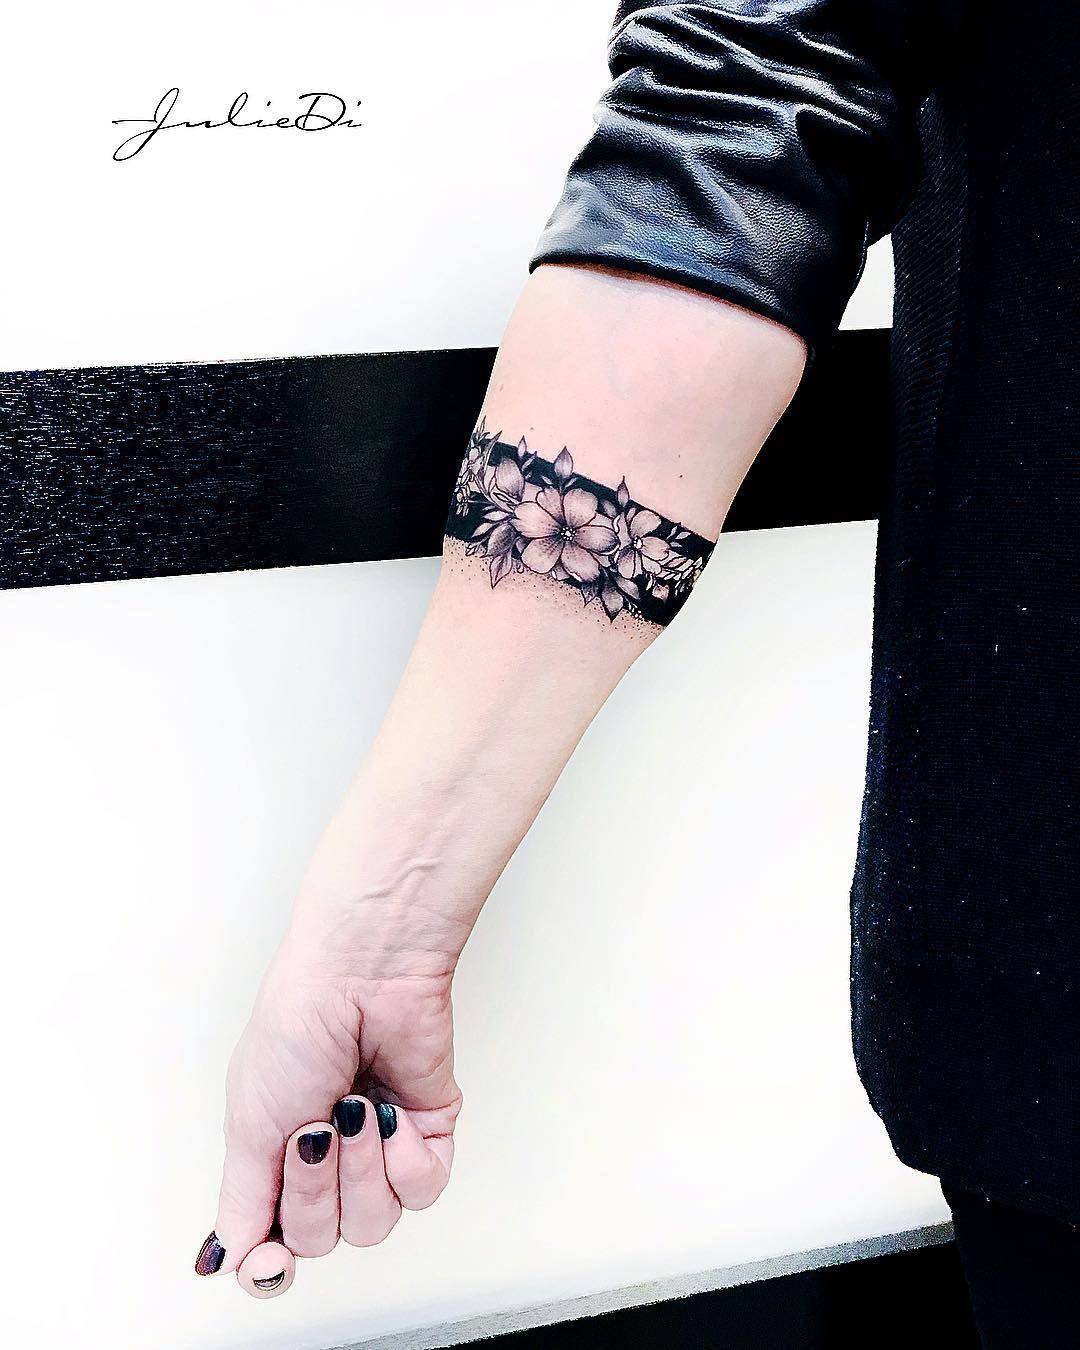 Тату - браслет для @savetlana_ 🖤 @kolibrisalon ✔️ @juliedi_ ✔️ @tattoojuliedi ✔️ ___________________ #свежая #воспаленная #тату…